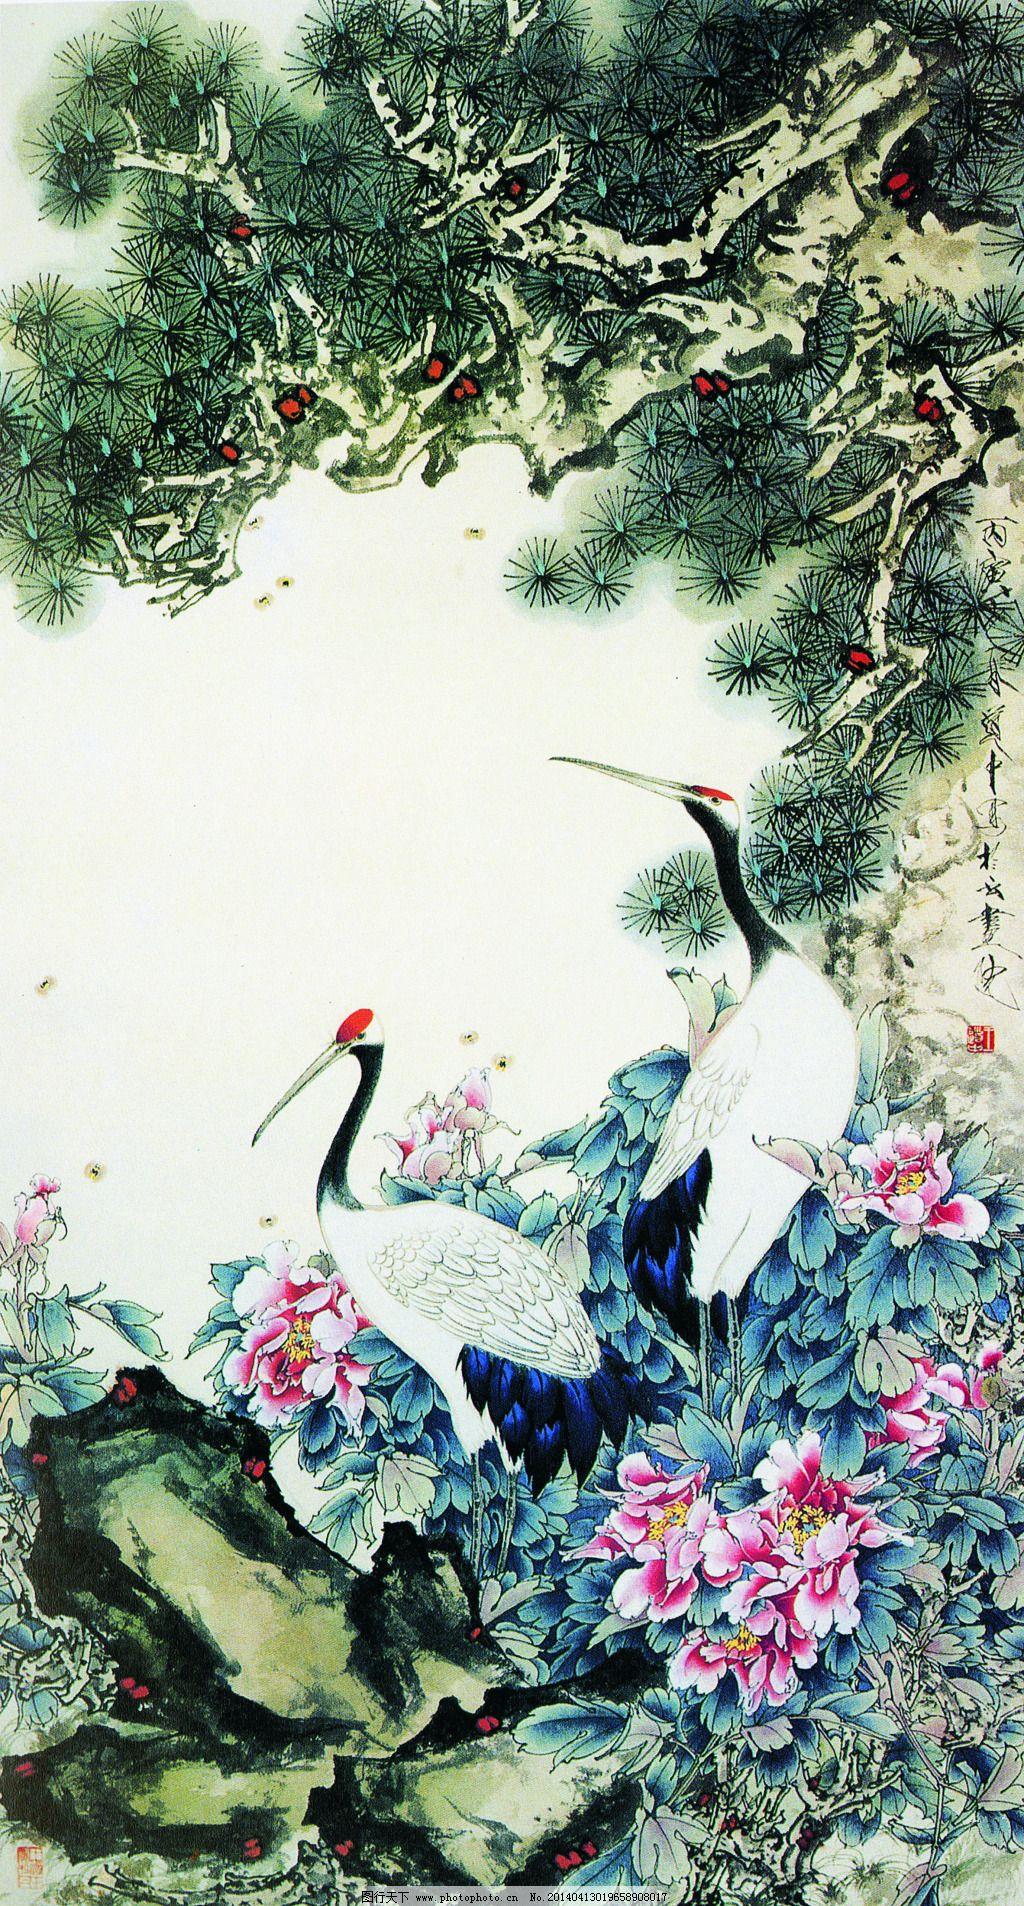 丹顶鹤图 丹顶鹤图免费下载 国画 松树 图片素材 文化艺术